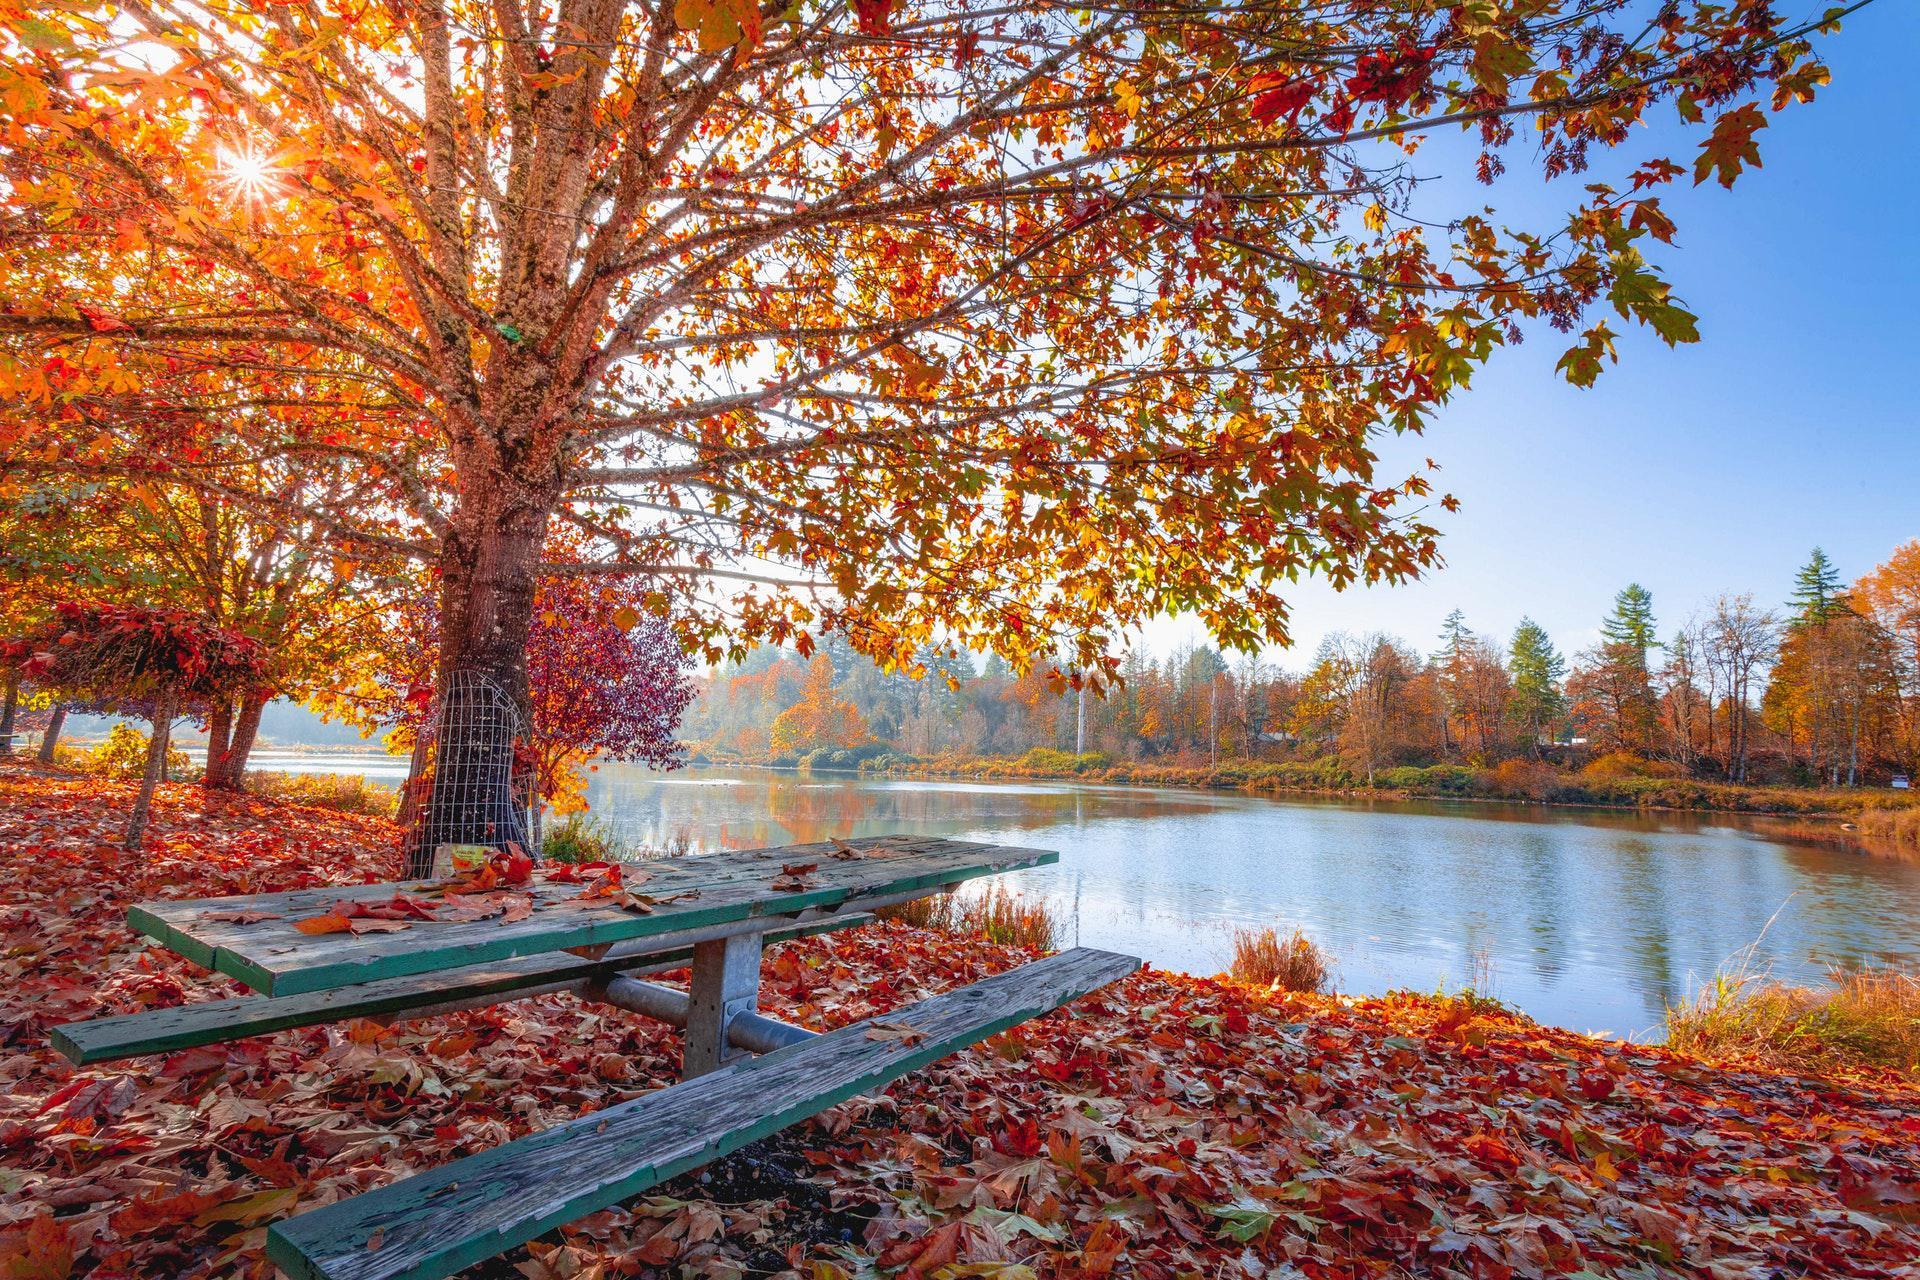 عکس زمینه برگ های پاییزی قرمز و نارنجی در کنار برکه آب پس زمینه